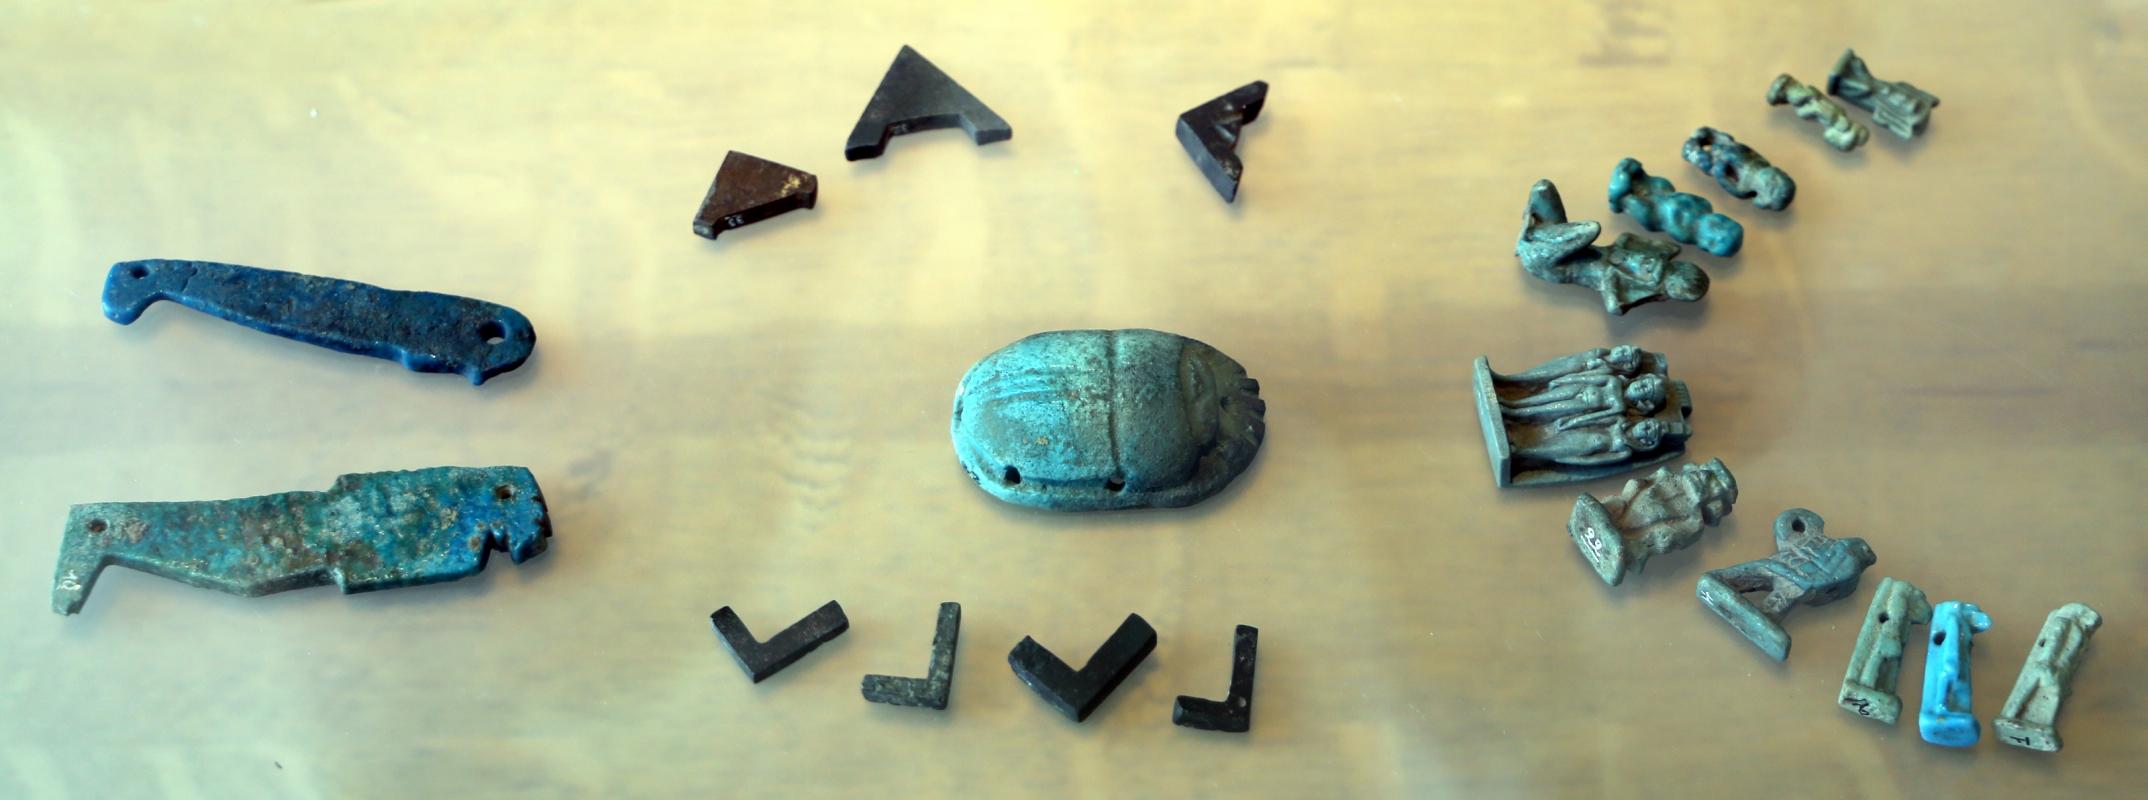 Epoca tolemaica, amuleti in faience, statuette e scarabeo - Sailko - Parma (PR)